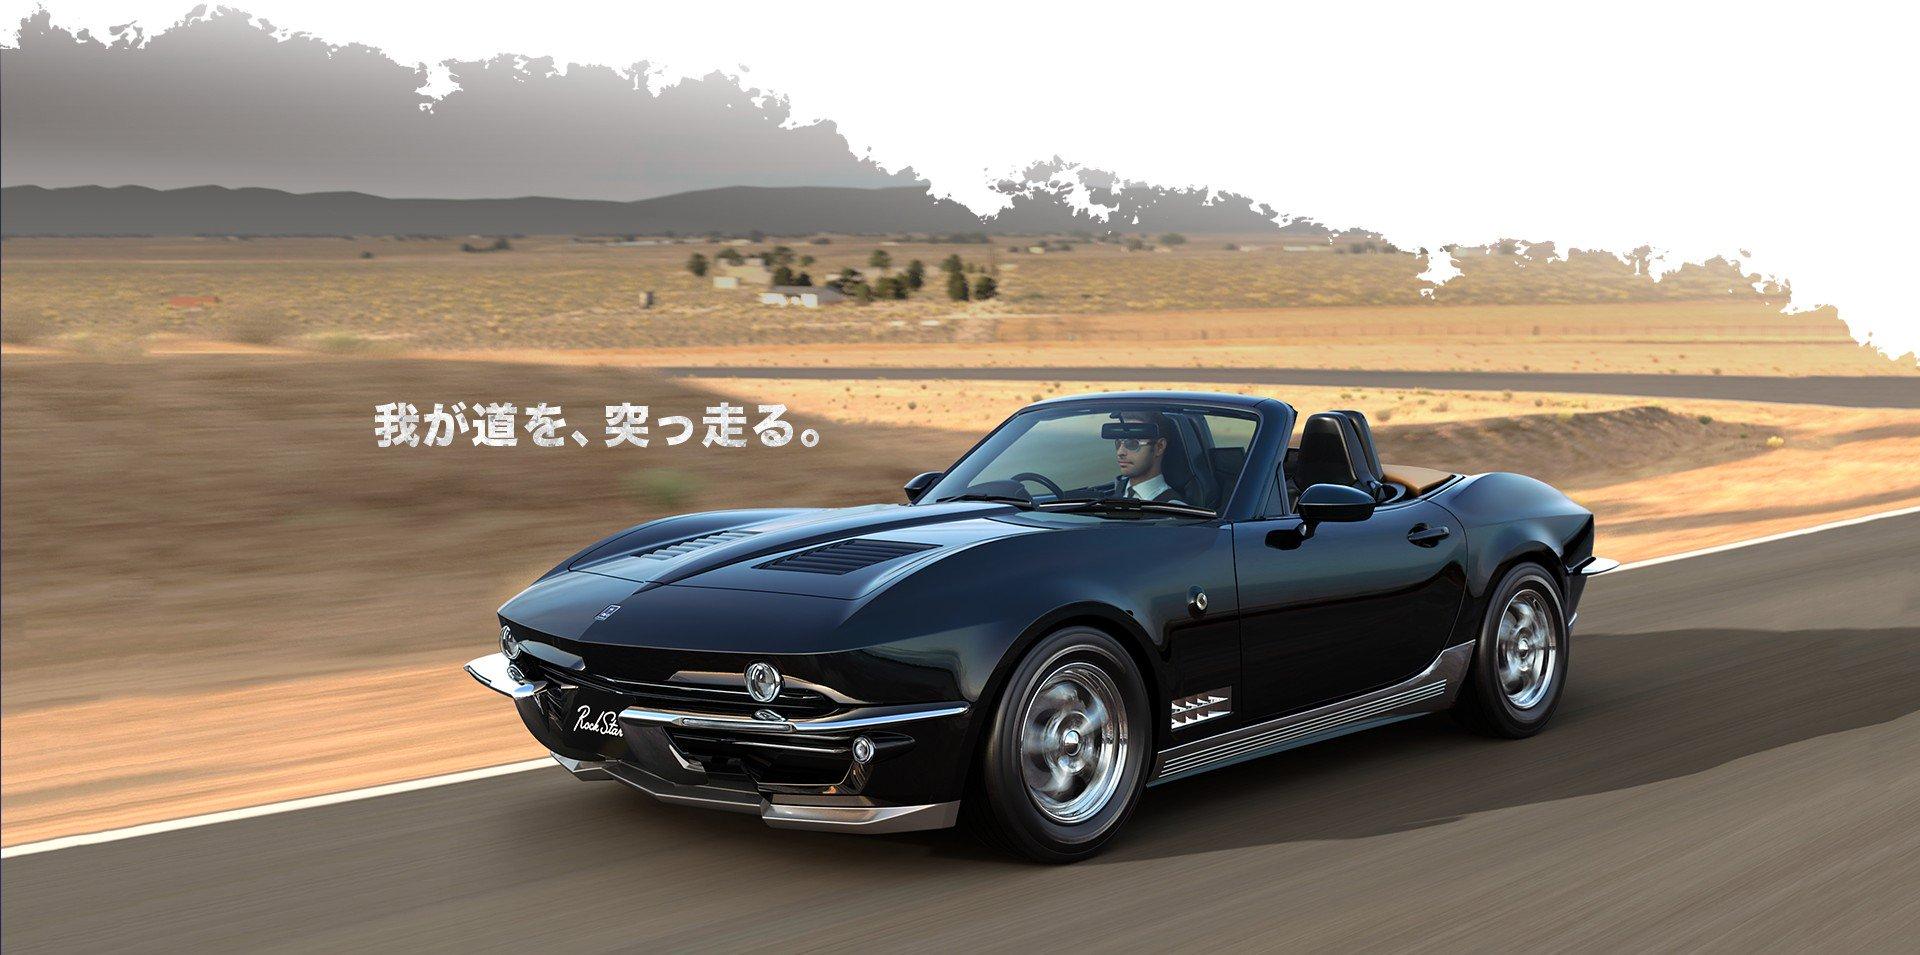 Родстер построен на базе Mazda MX-5, но разработчики хотели сделать его похожим на Chevrolet Corvette II поколения